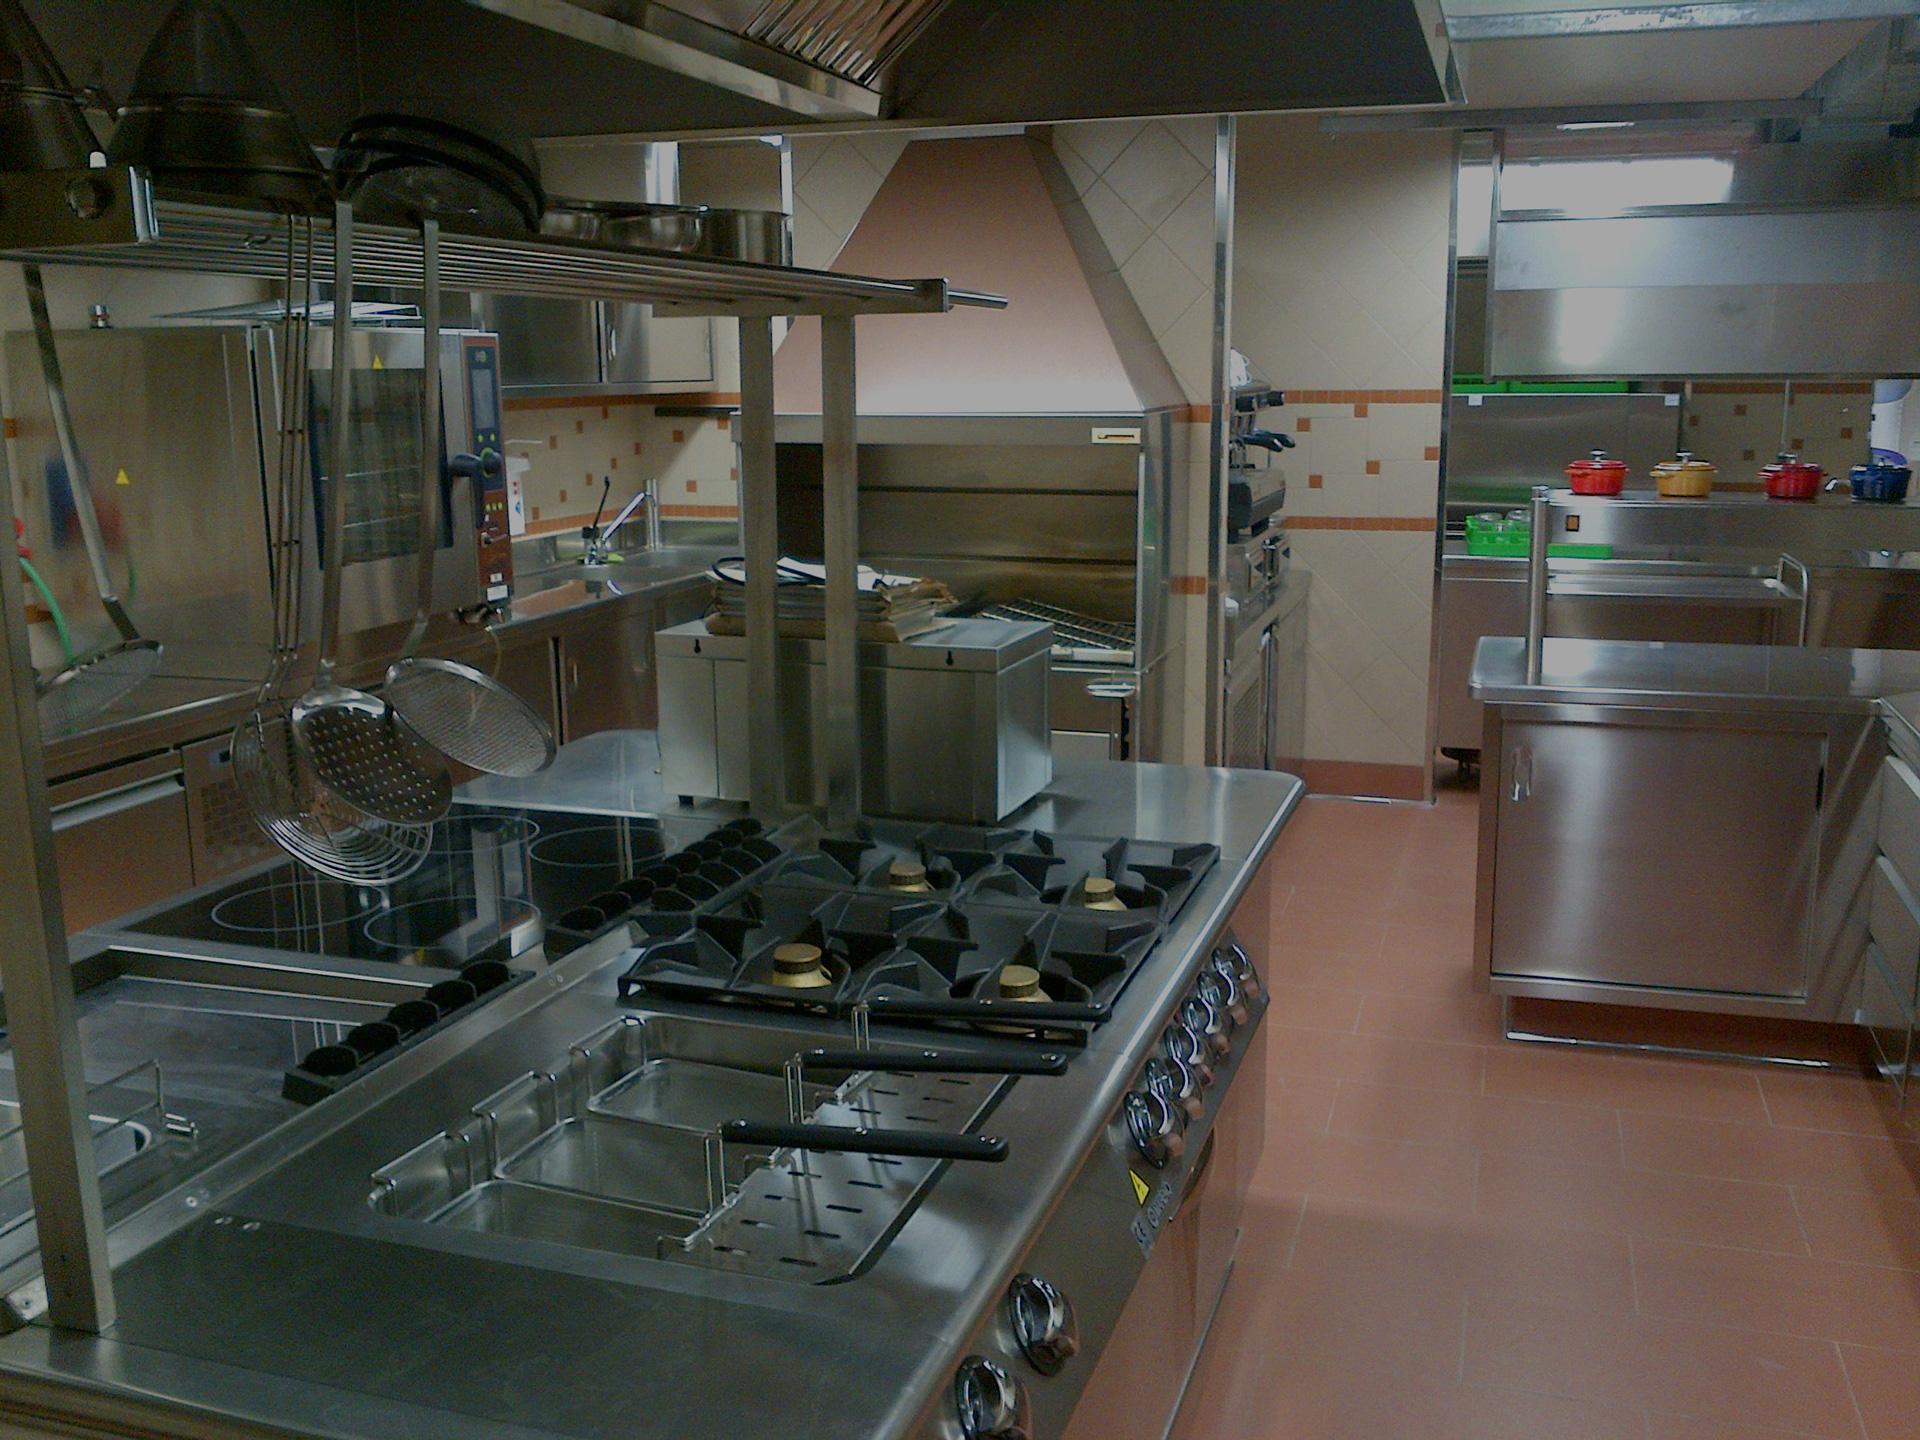 Cucina Professionale - Guidotti Srl